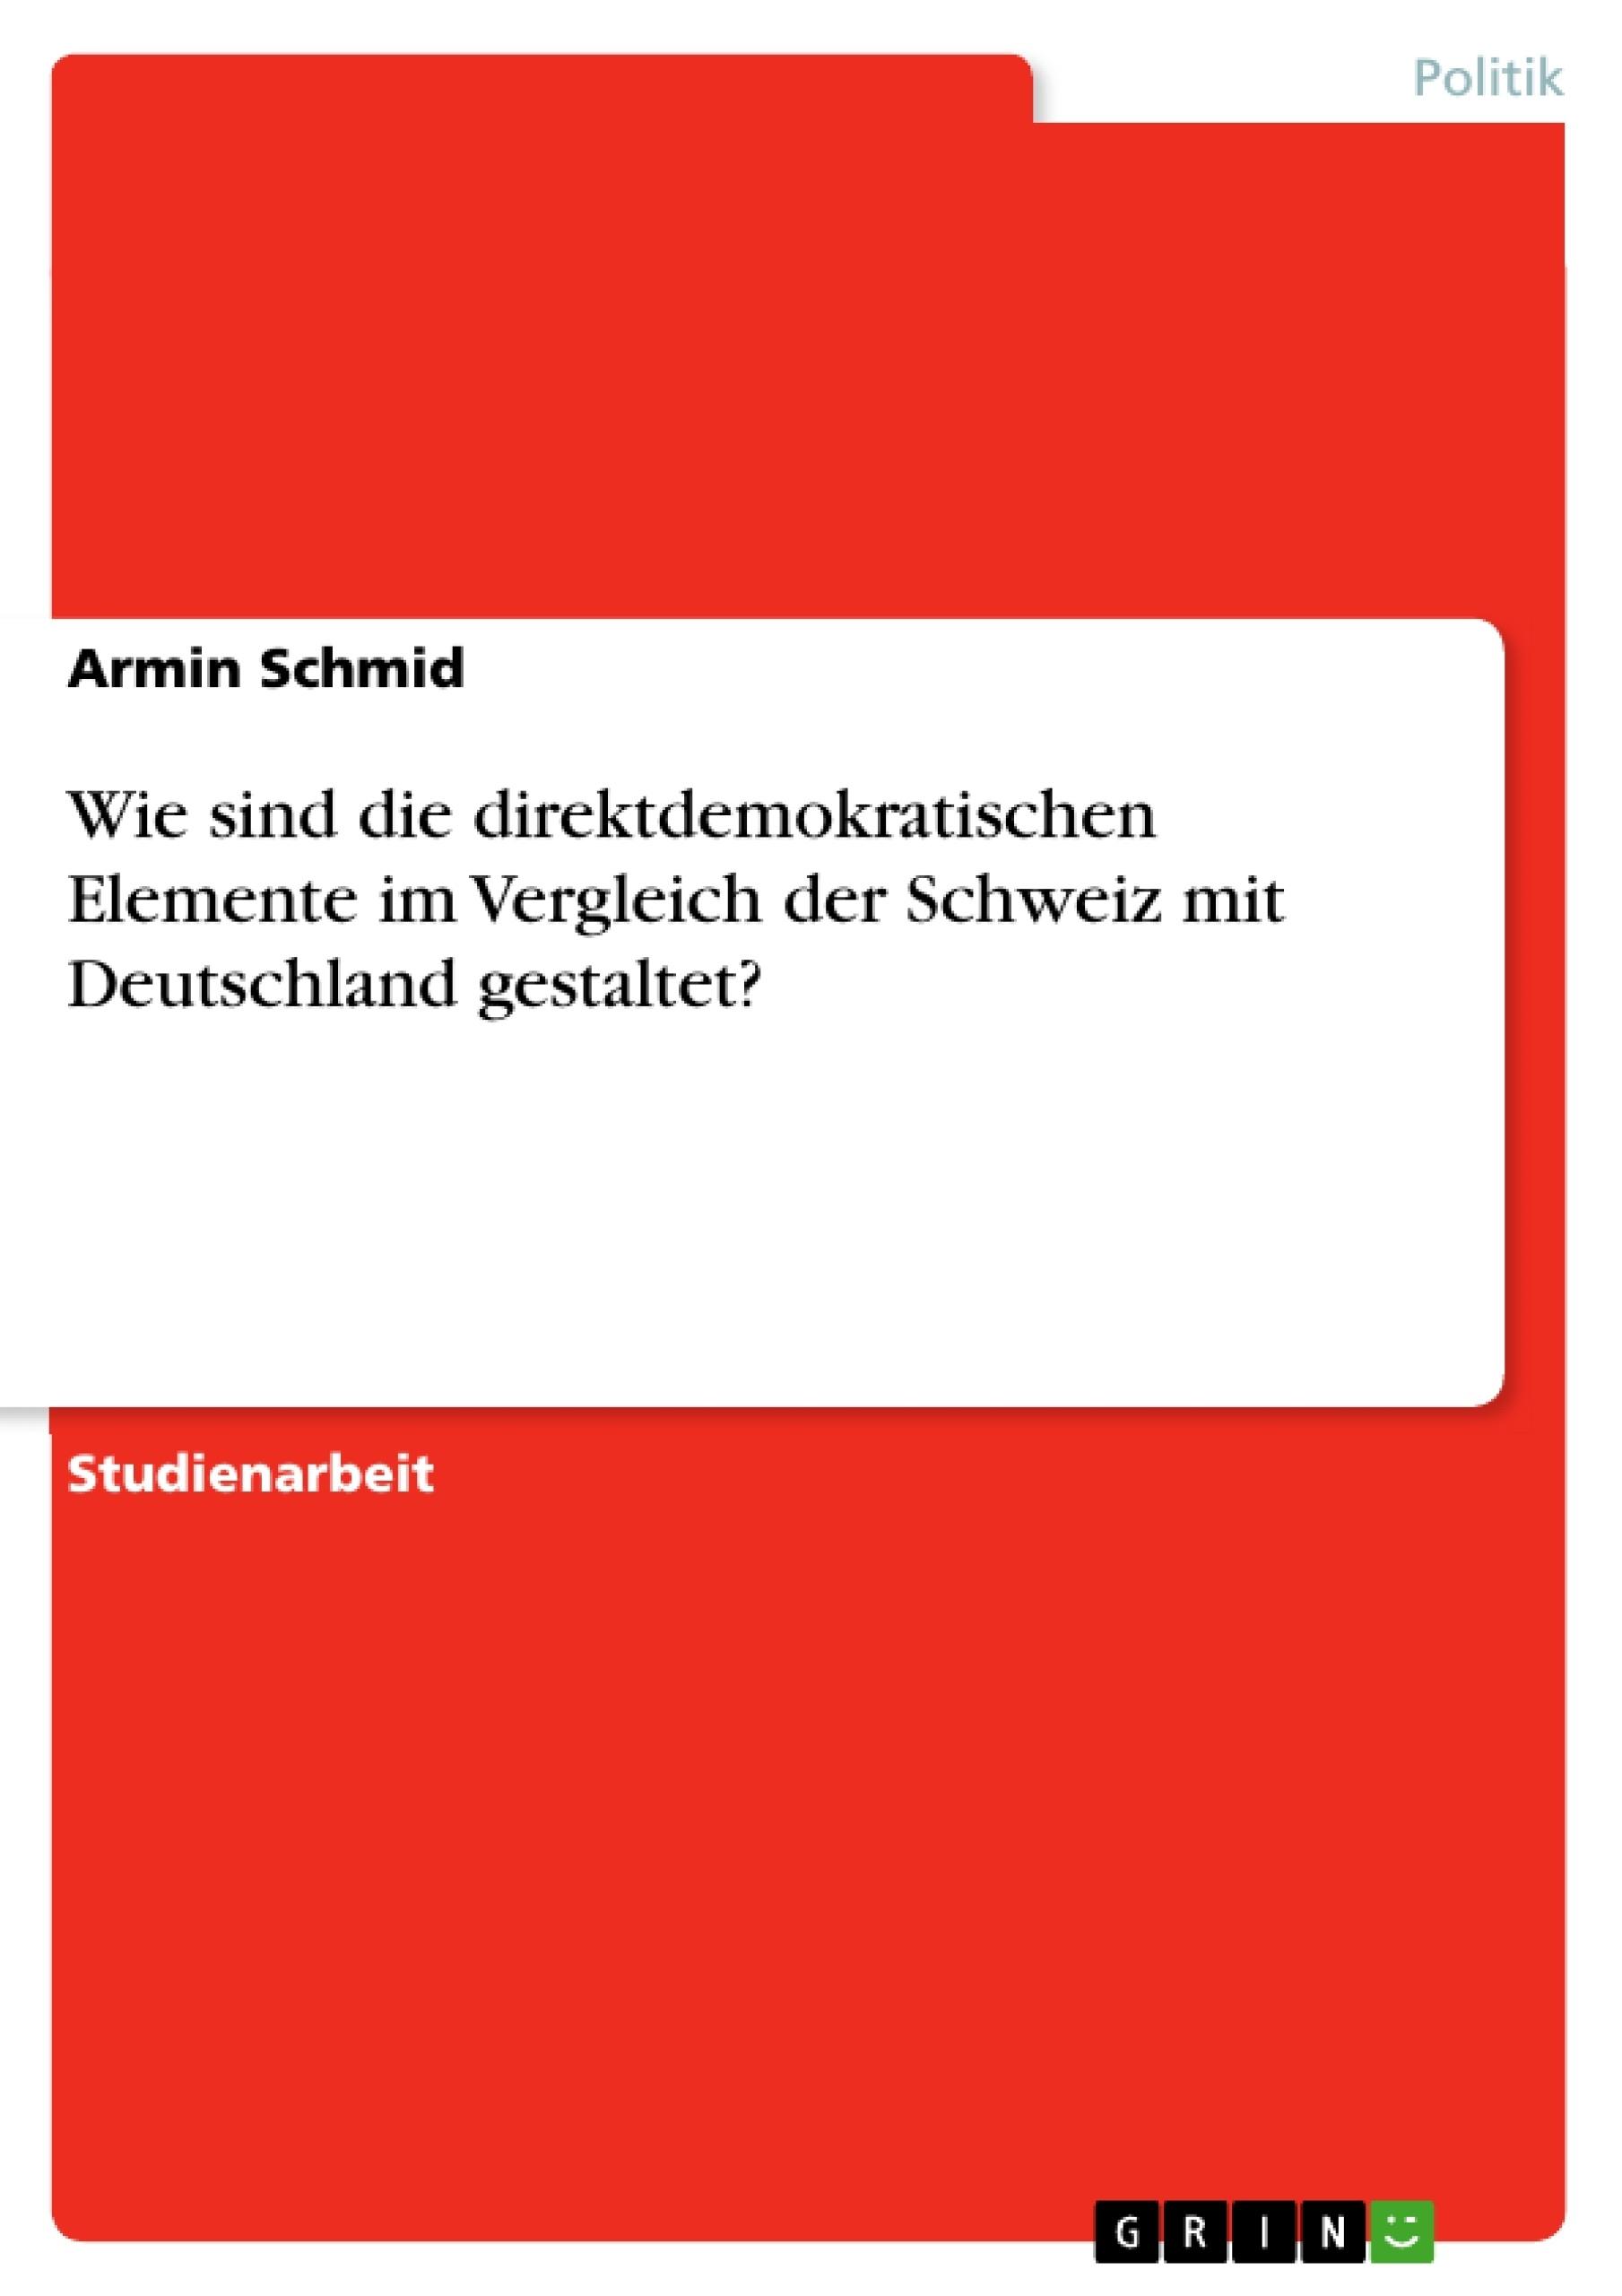 Titel: Wie sind die direktdemokratischen Elemente im Vergleich der Schweiz mit Deutschland gestaltet?